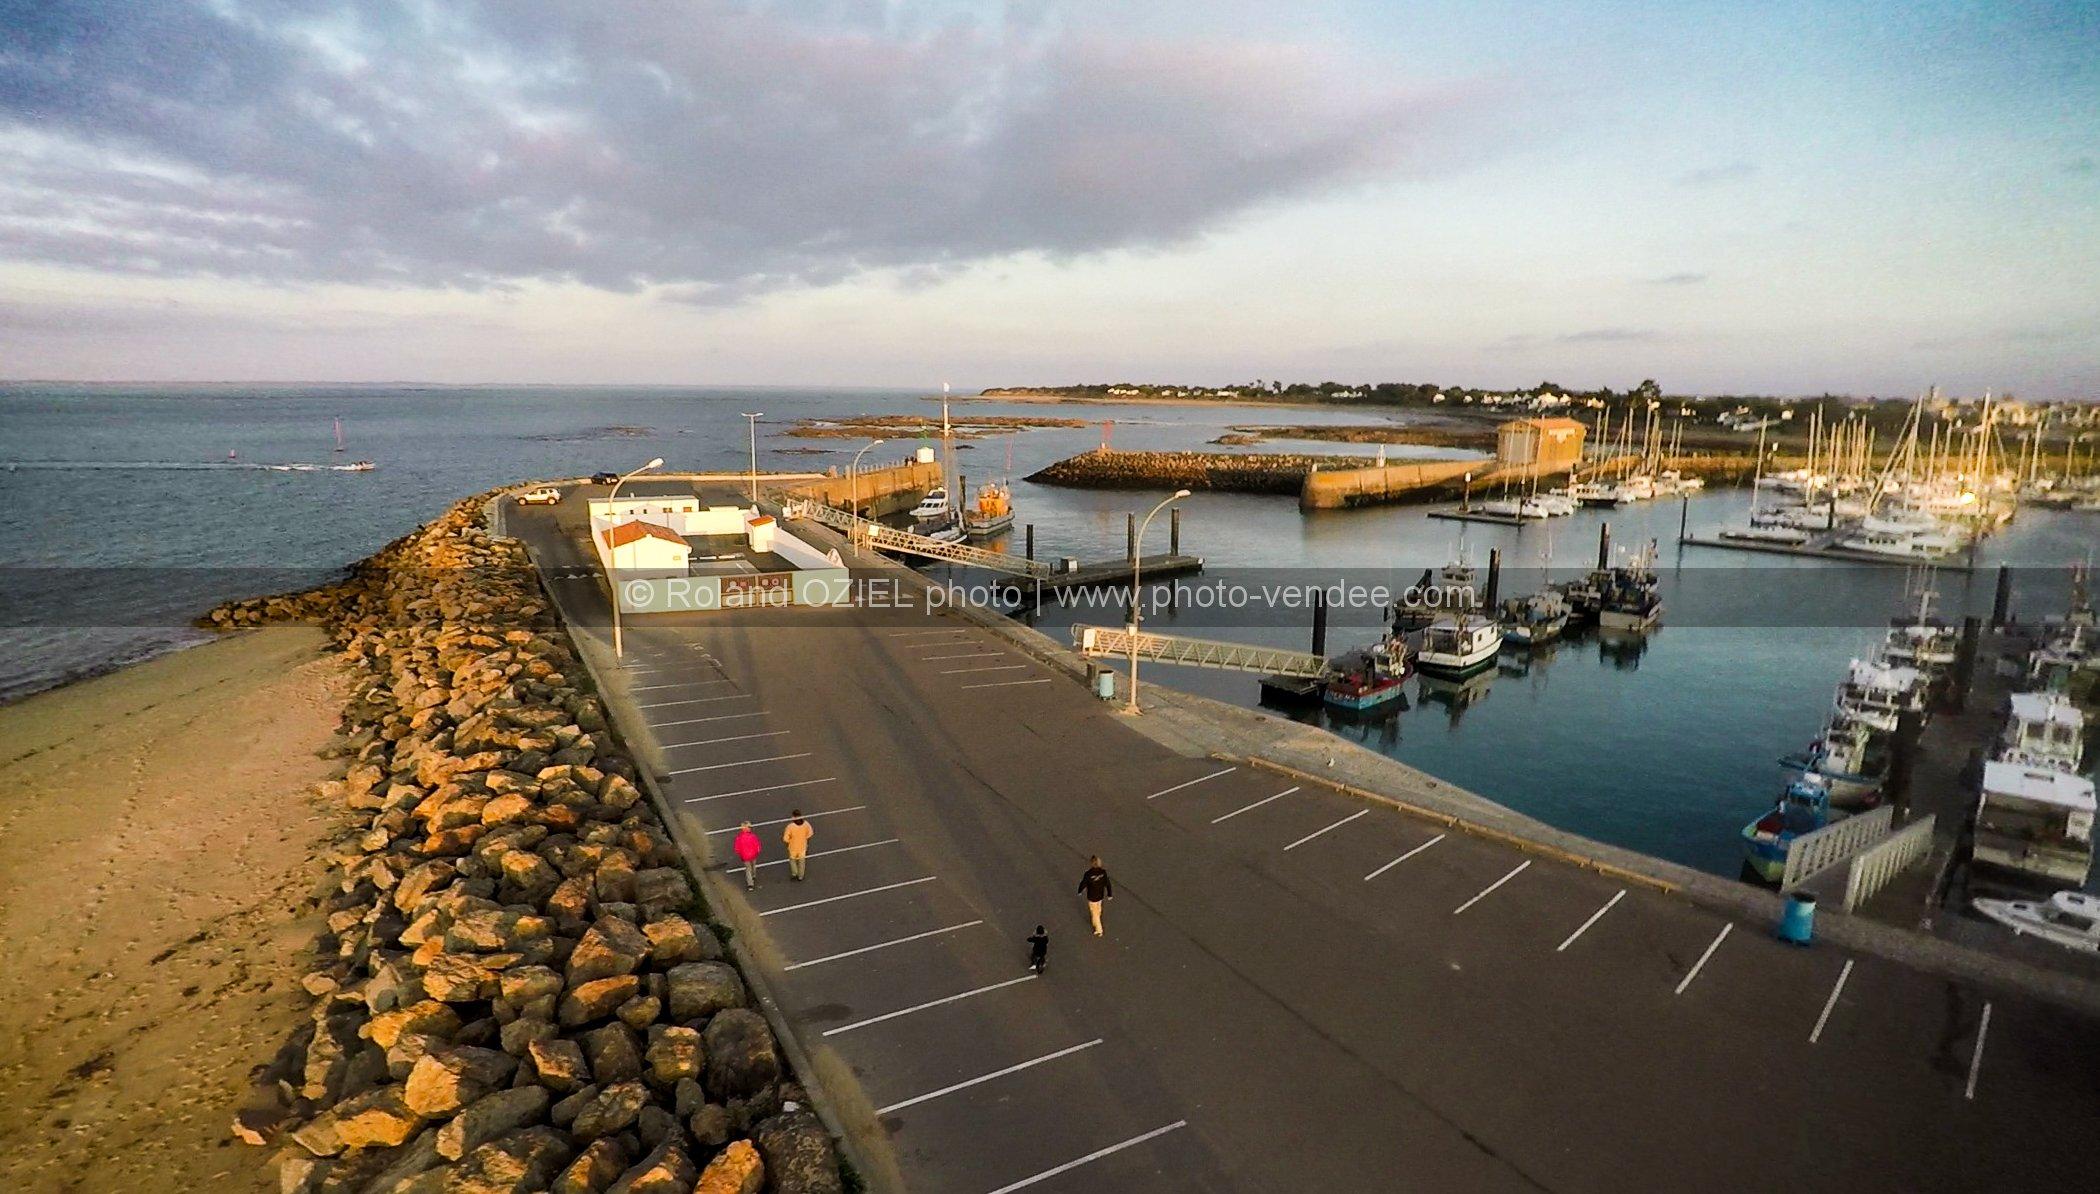 Photo a rienne de l 39 entr e du port de l 39 herbaudi re photo vend e - Galerie du port noirmoutier ...